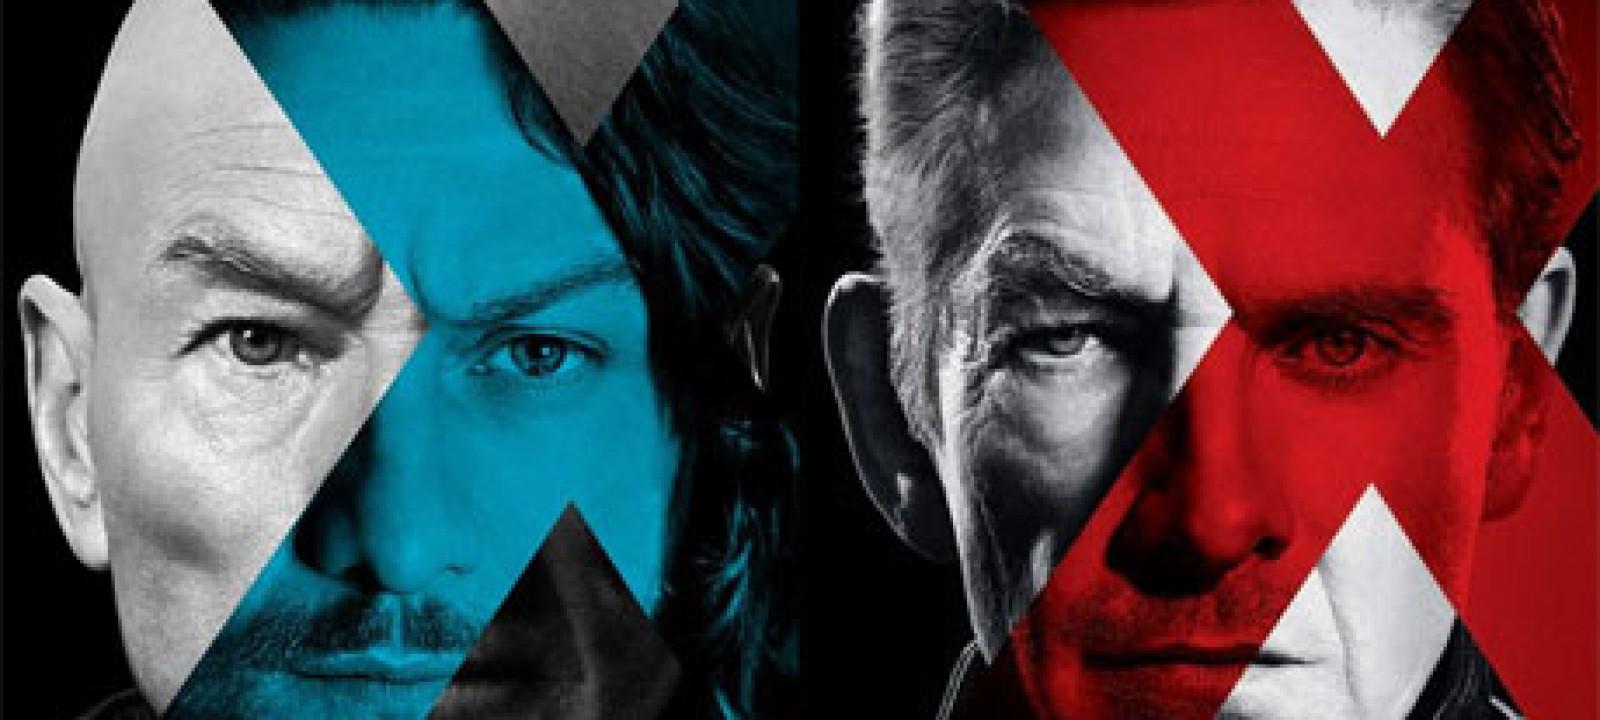 """「X-MEN:フューチャー&パスト」""""X-Men:Days of Future Past""""(2014)"""